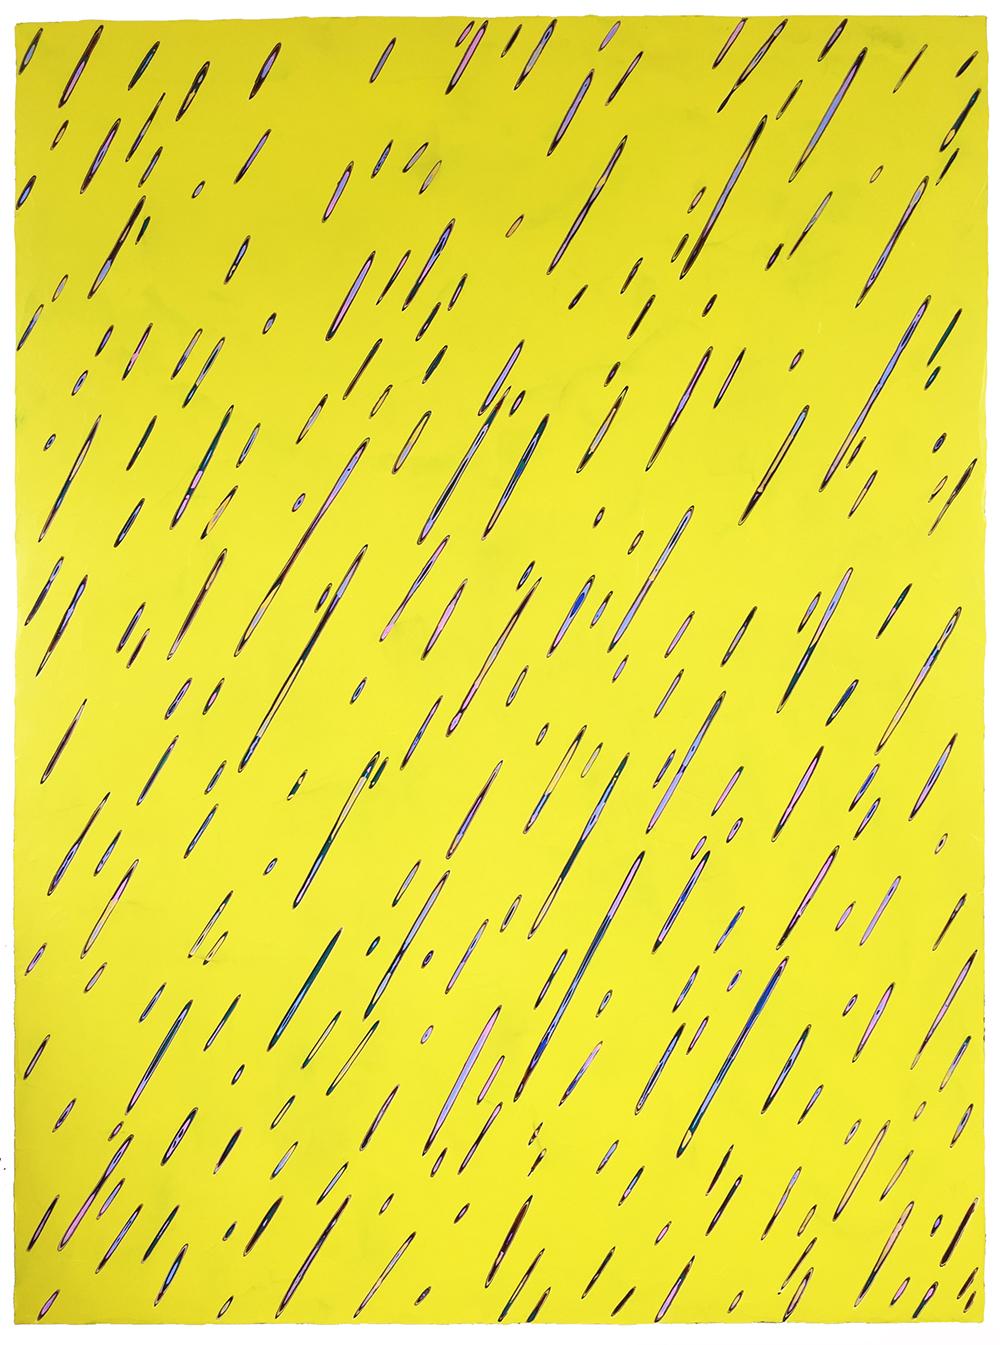 《绘画111—雨》90x120cm 木板丙烯2018